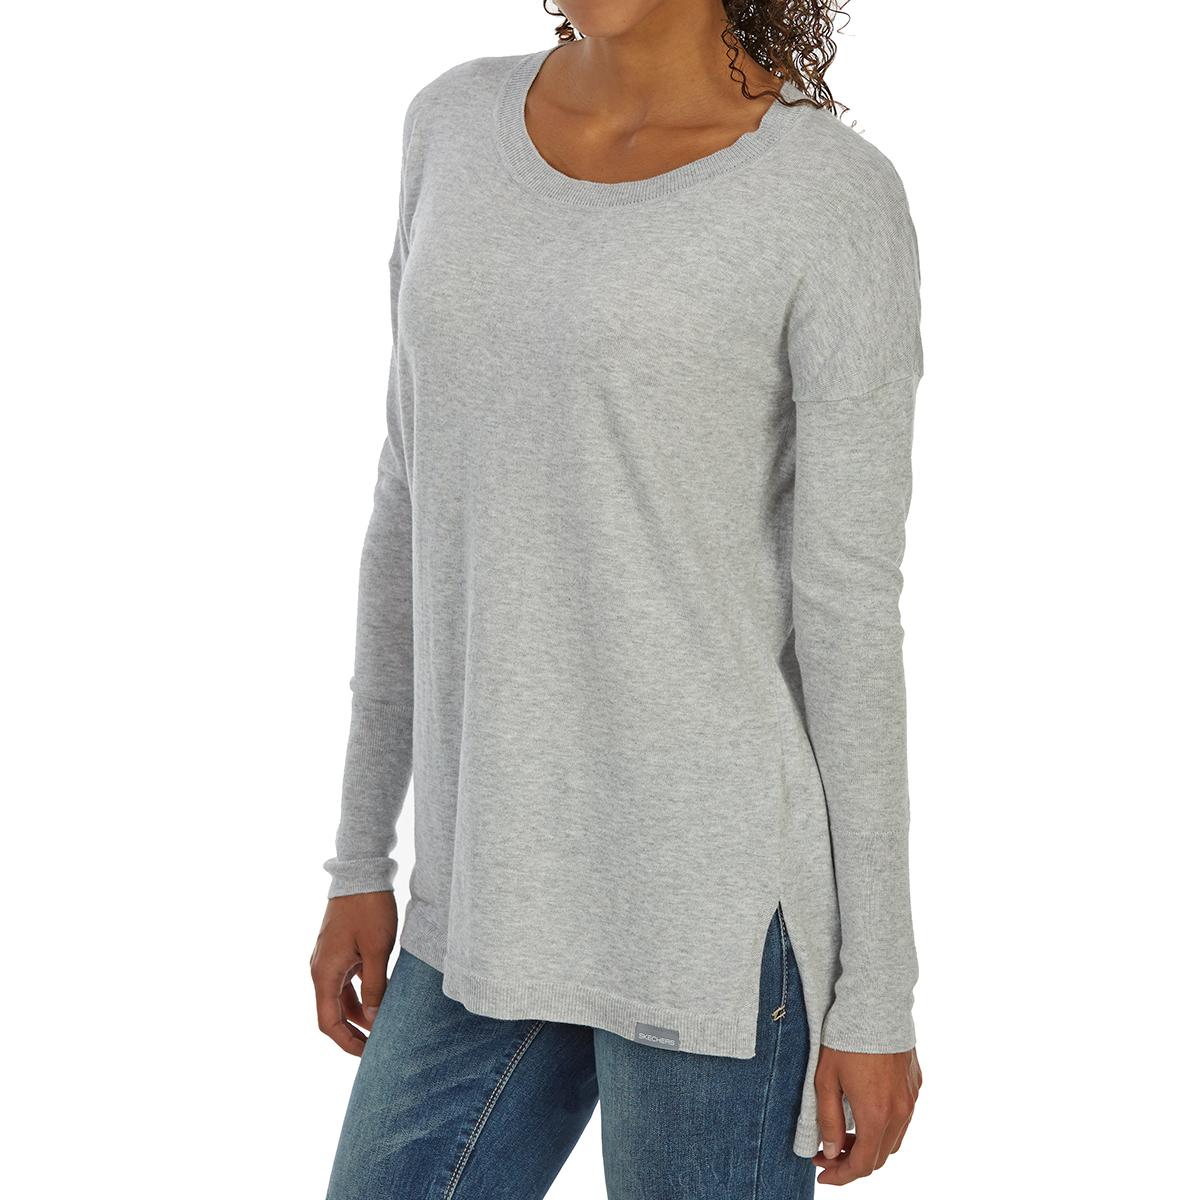 Skechers Women's Stability Long-Sleeve Tunic Top - Black, M